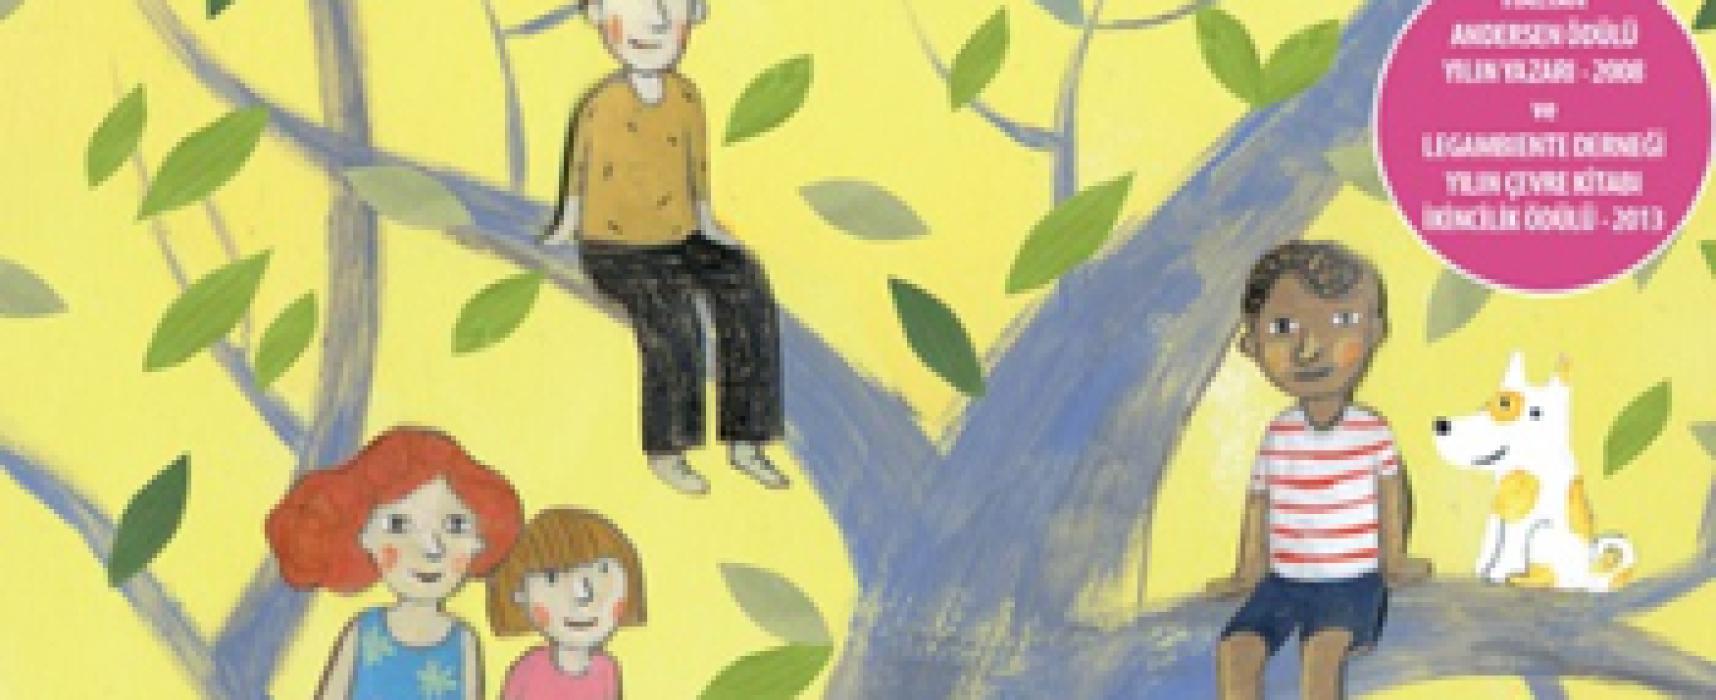 Bir ağacı sevmekle başlayacak her şey